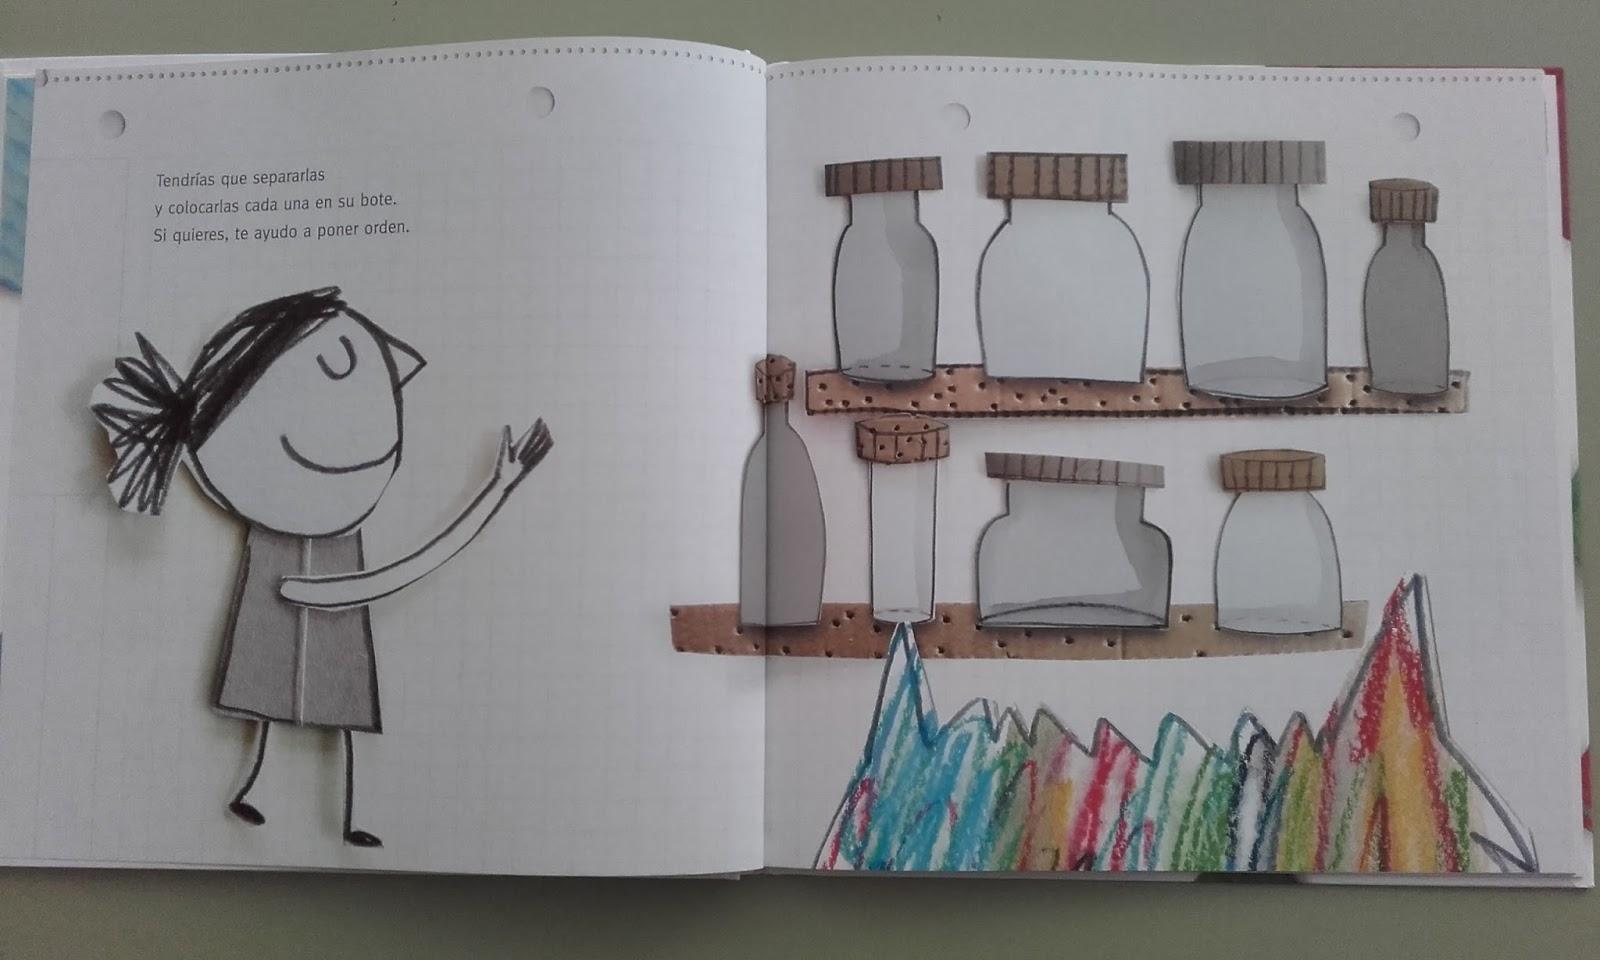 Coleccionando cuentos: El Monstruo de Colores